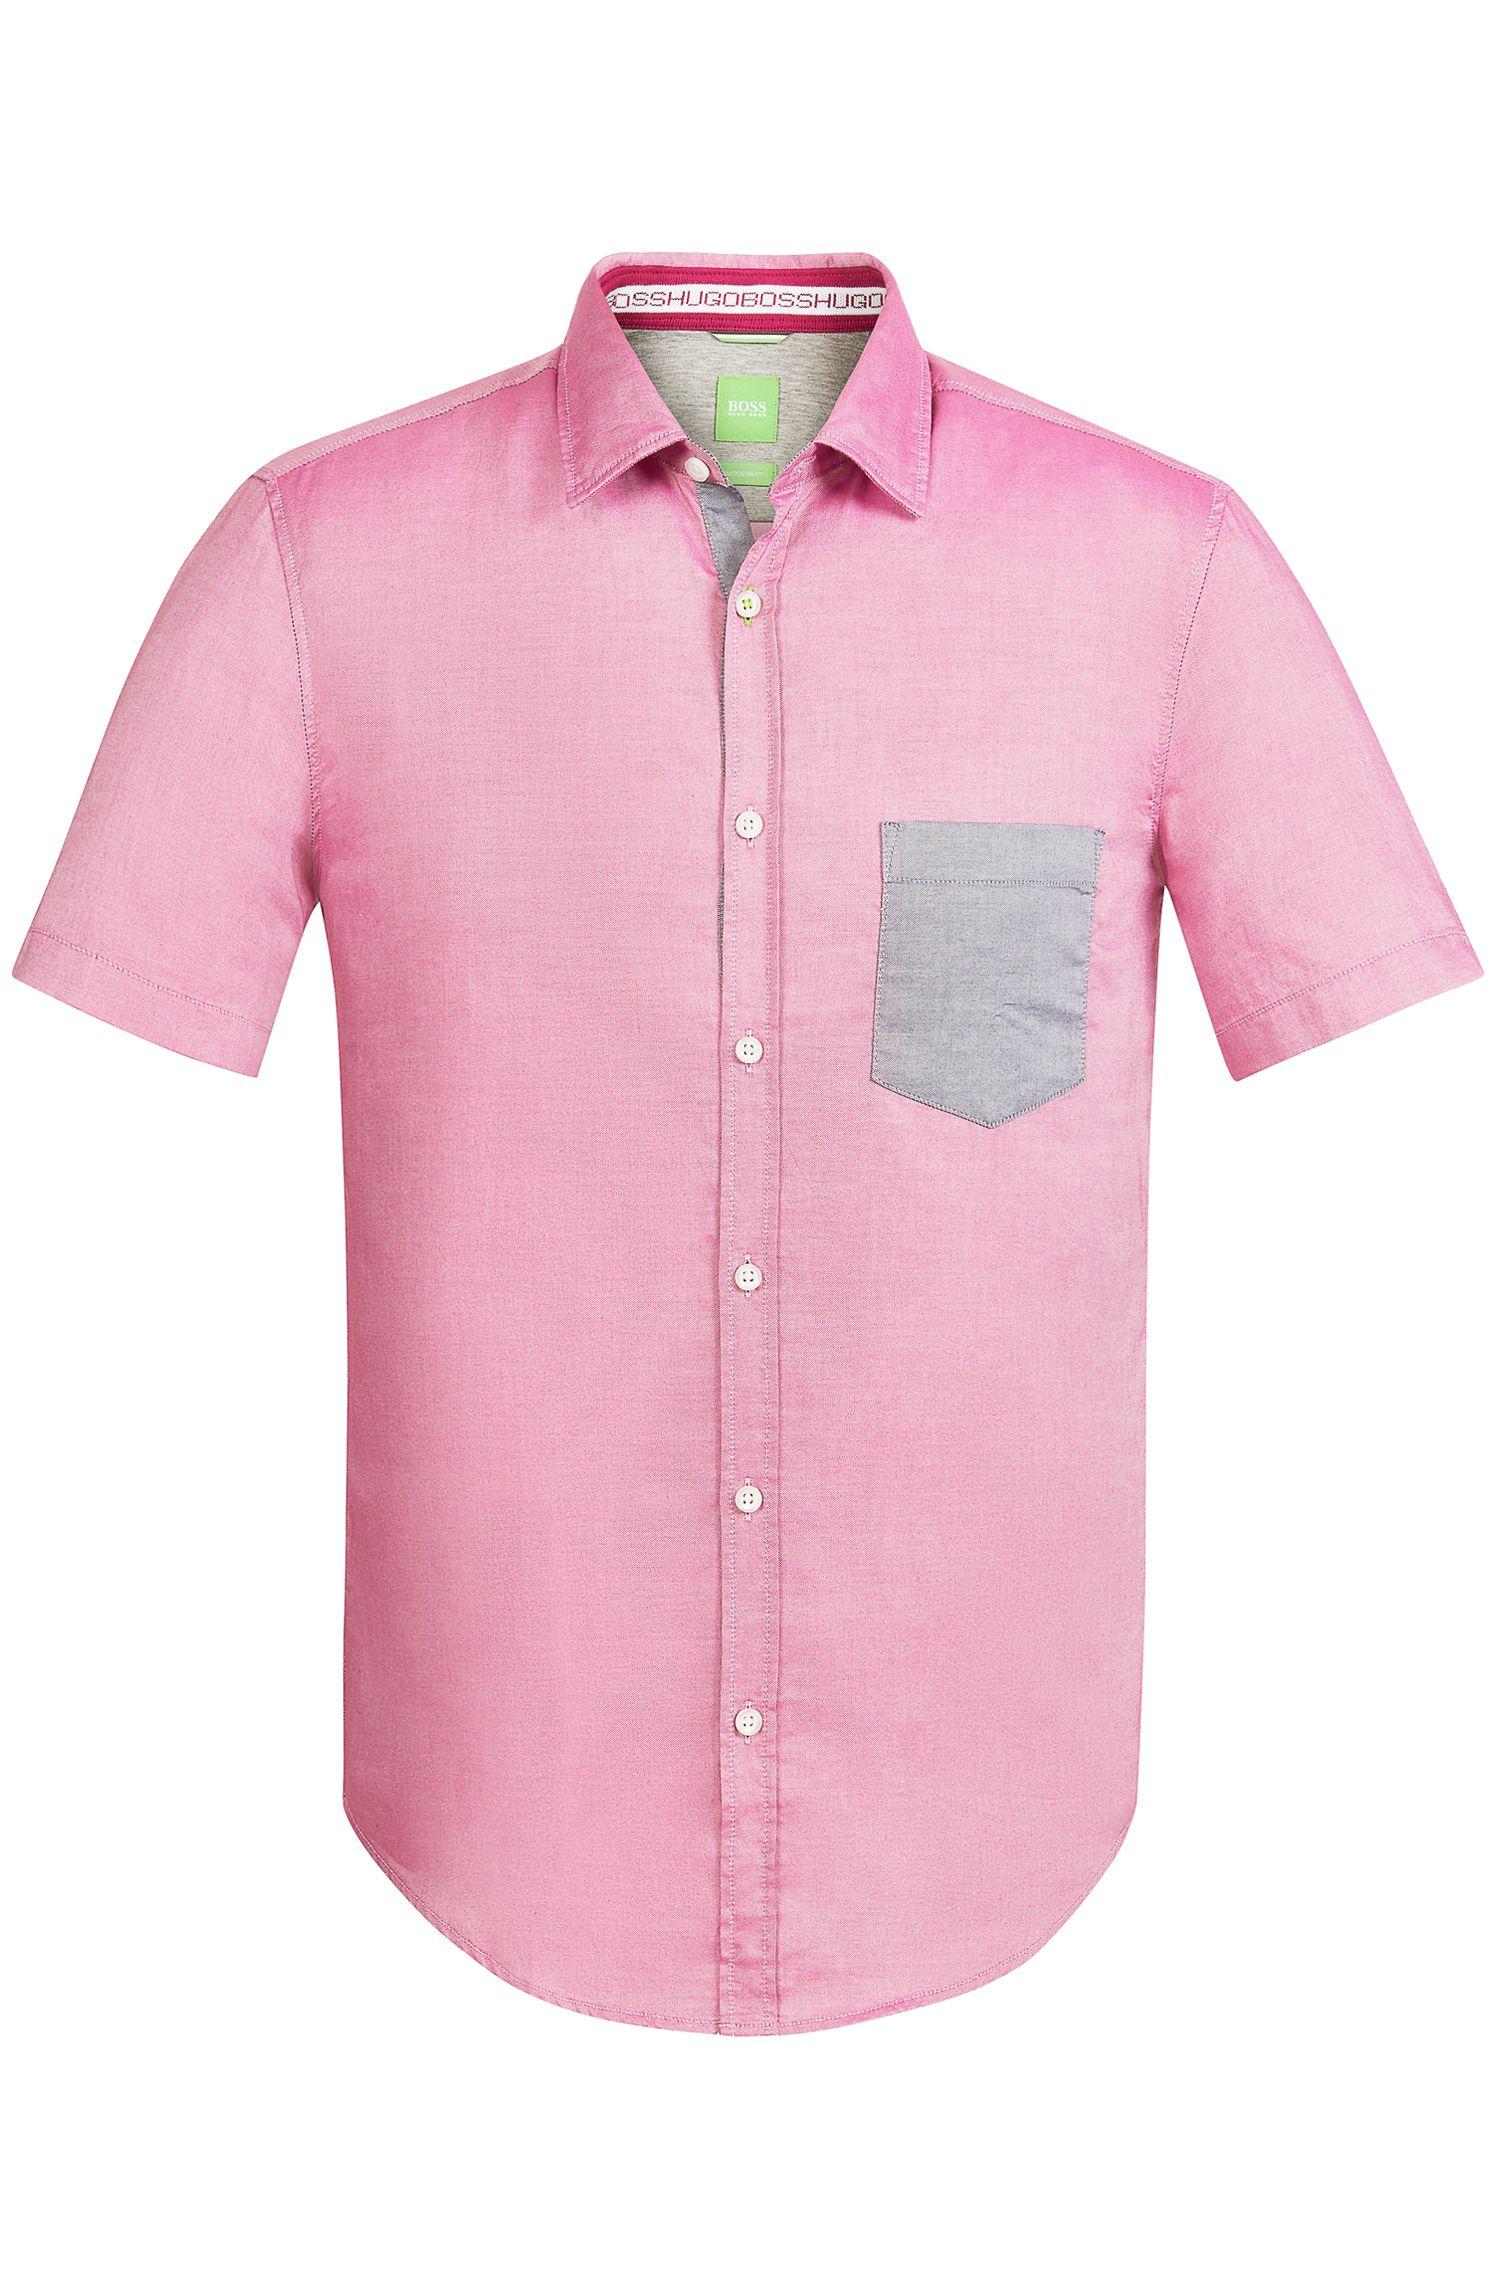 'Baloy' | Modern Fit, Cotton Oxford Button Down Shirt